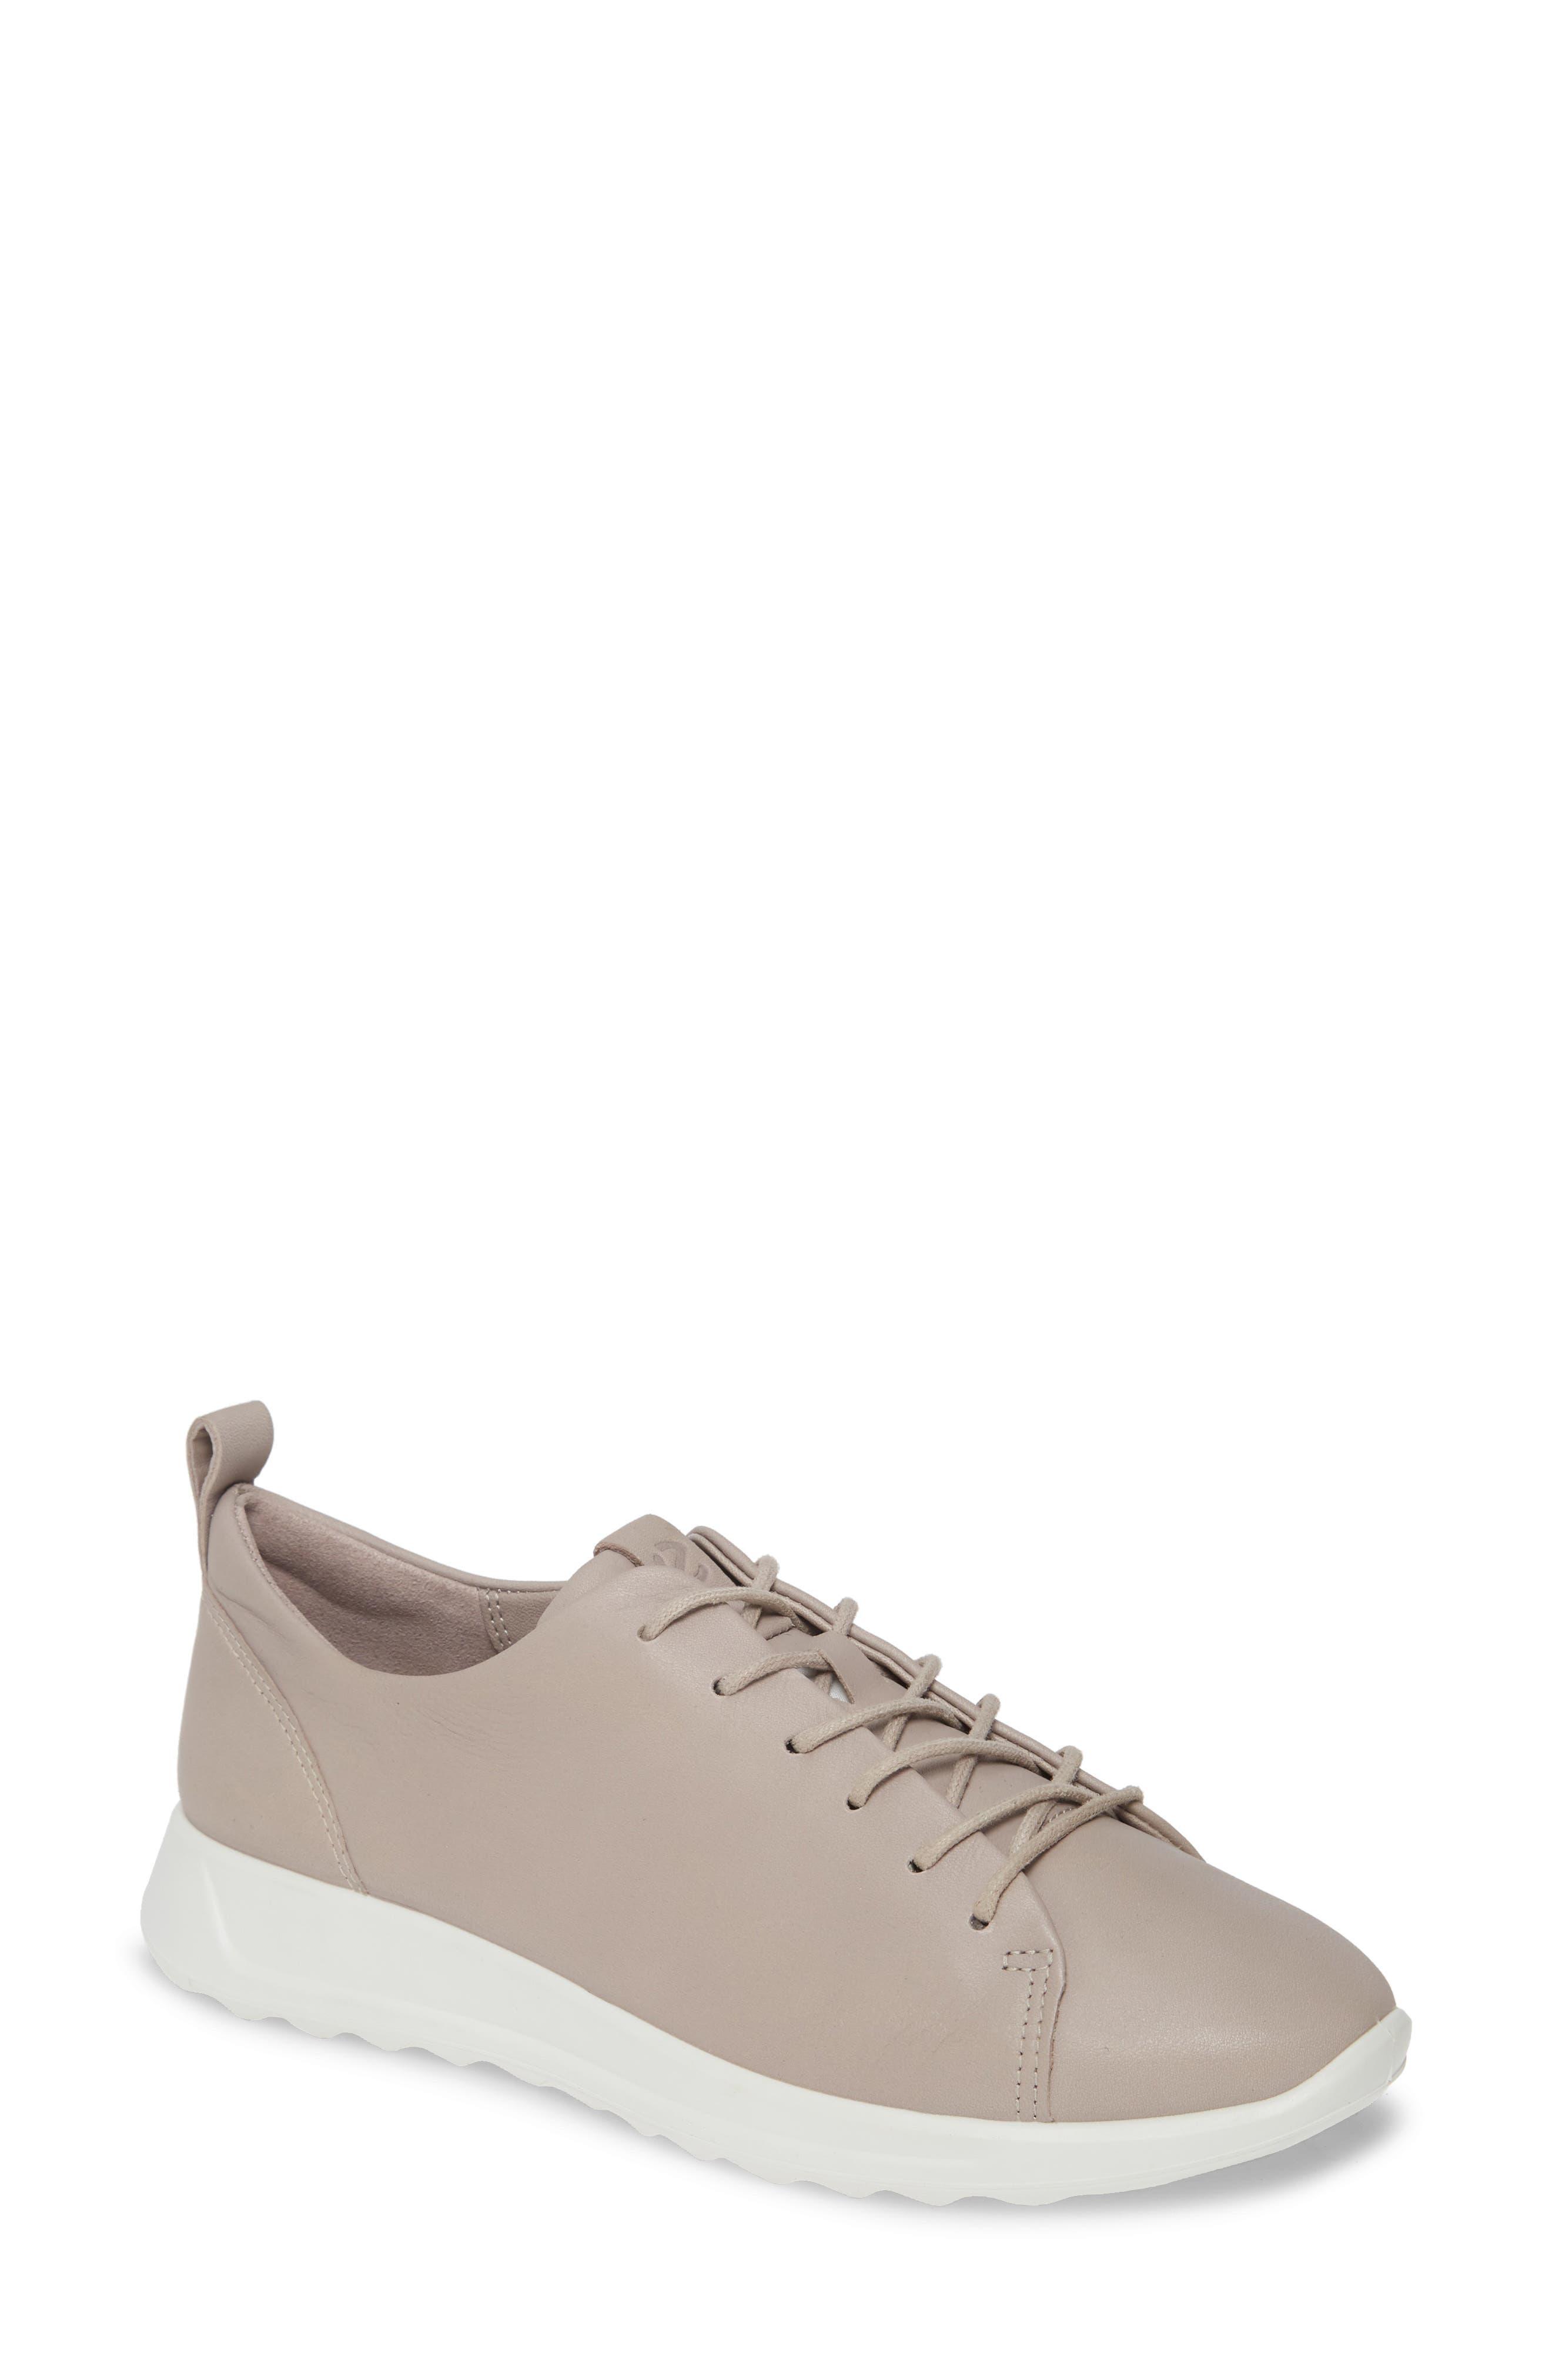 Ecco Flexure Running Shoe, Beige